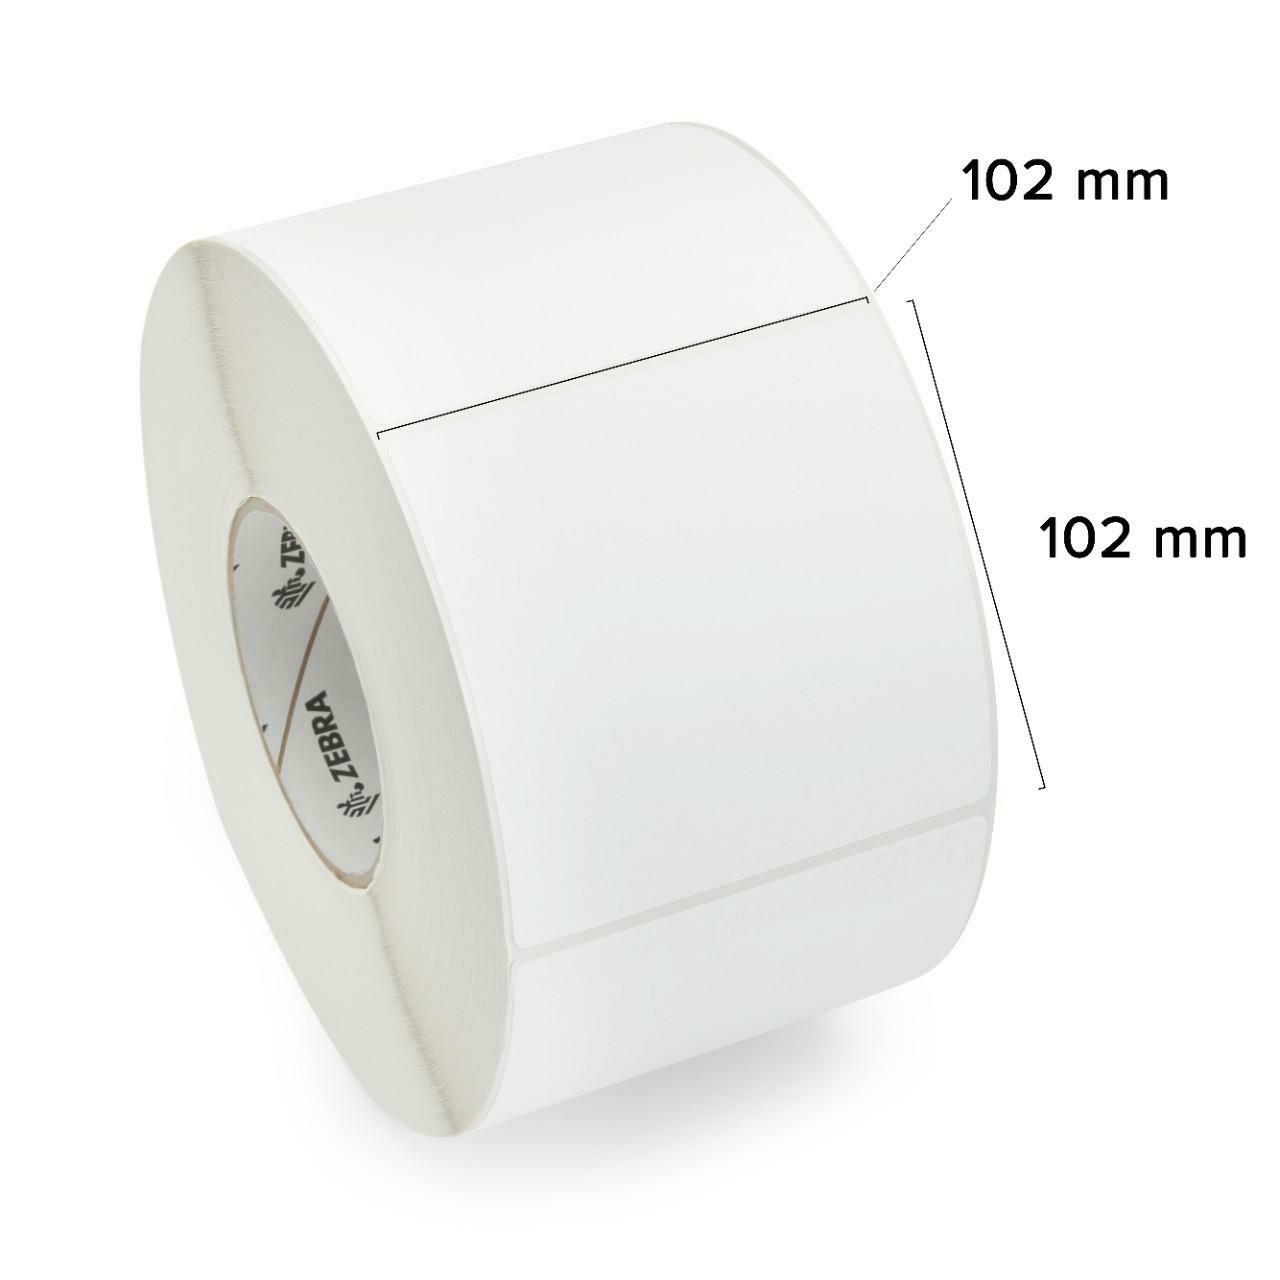 76523 Термотрансферная этикетка 102 мм х 102 мм